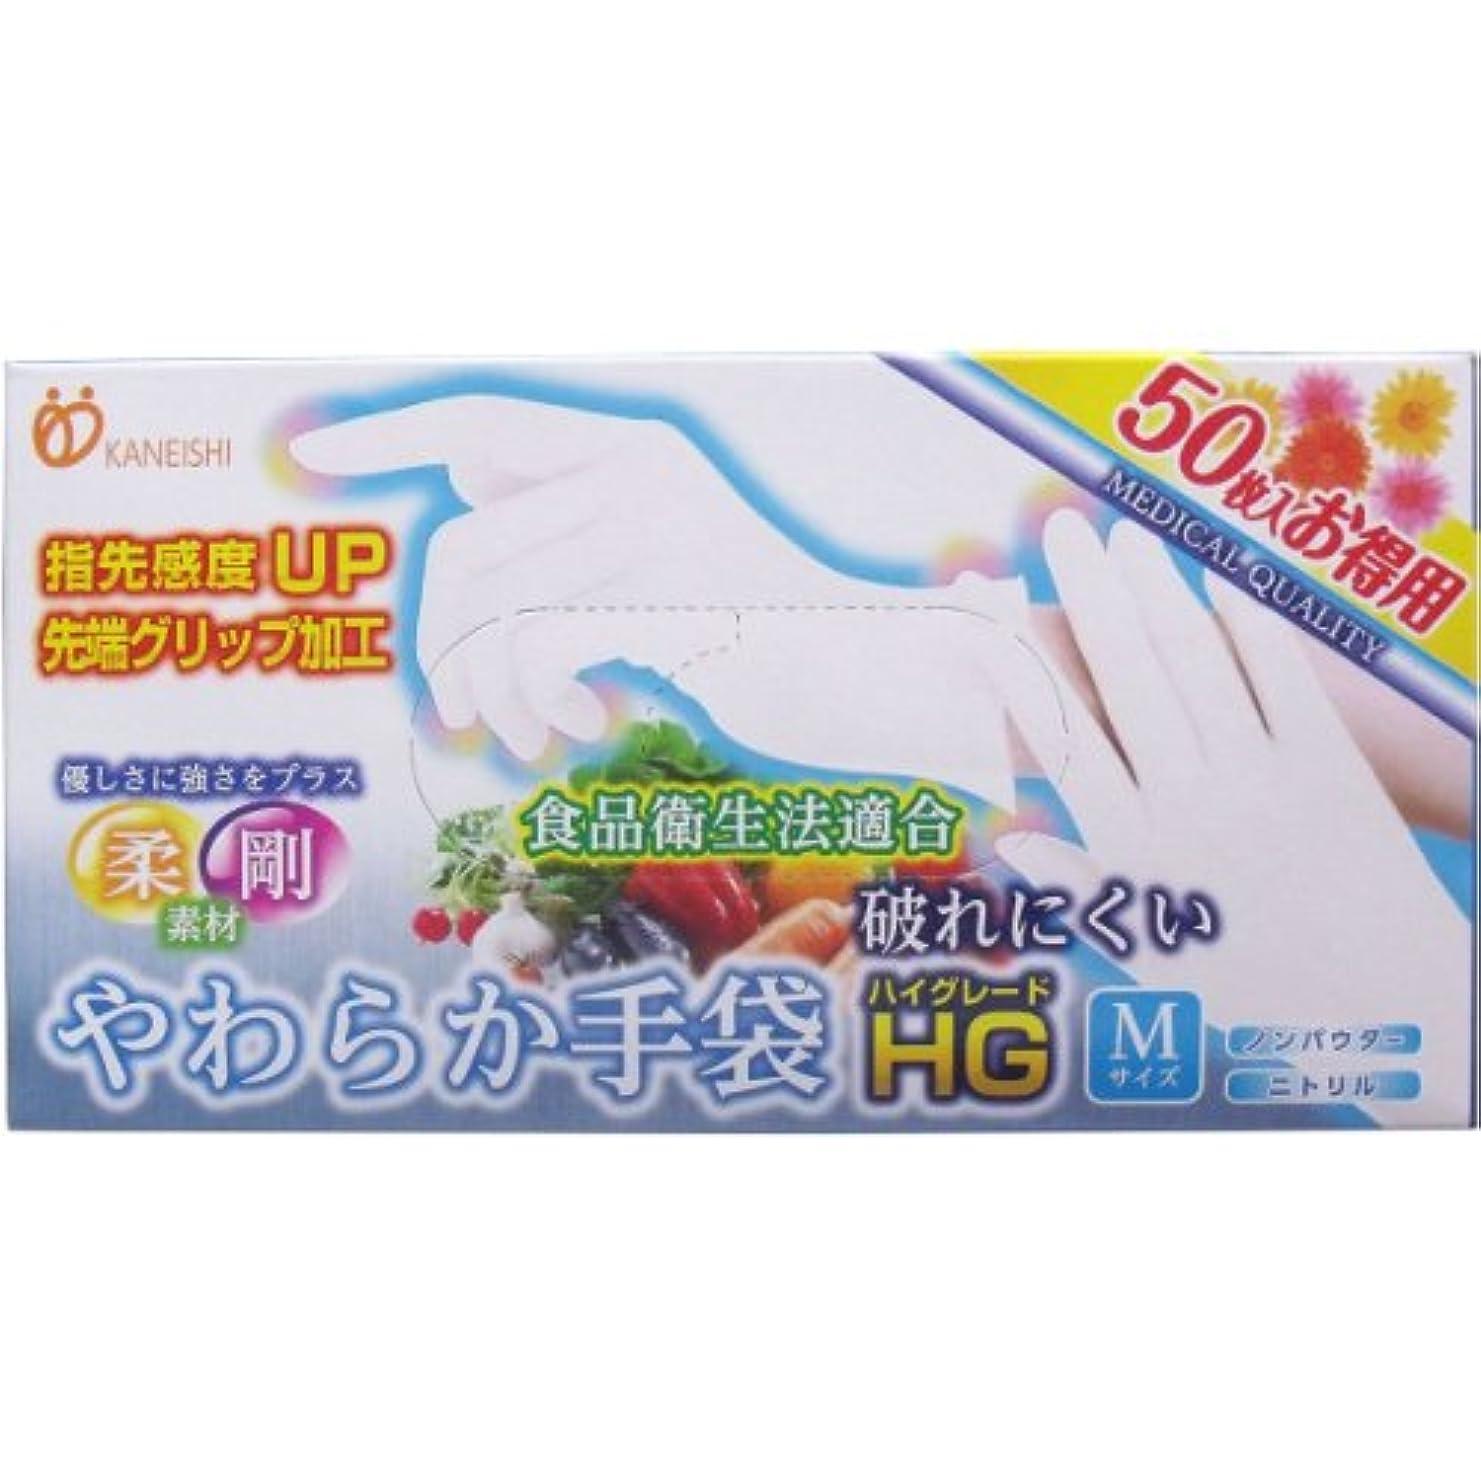 アセンブリ連帯ファイバやわらか手袋HG (ハイグレード) 二トリル手袋 パウダーフリー Mサイズ 50枚入×10個セット